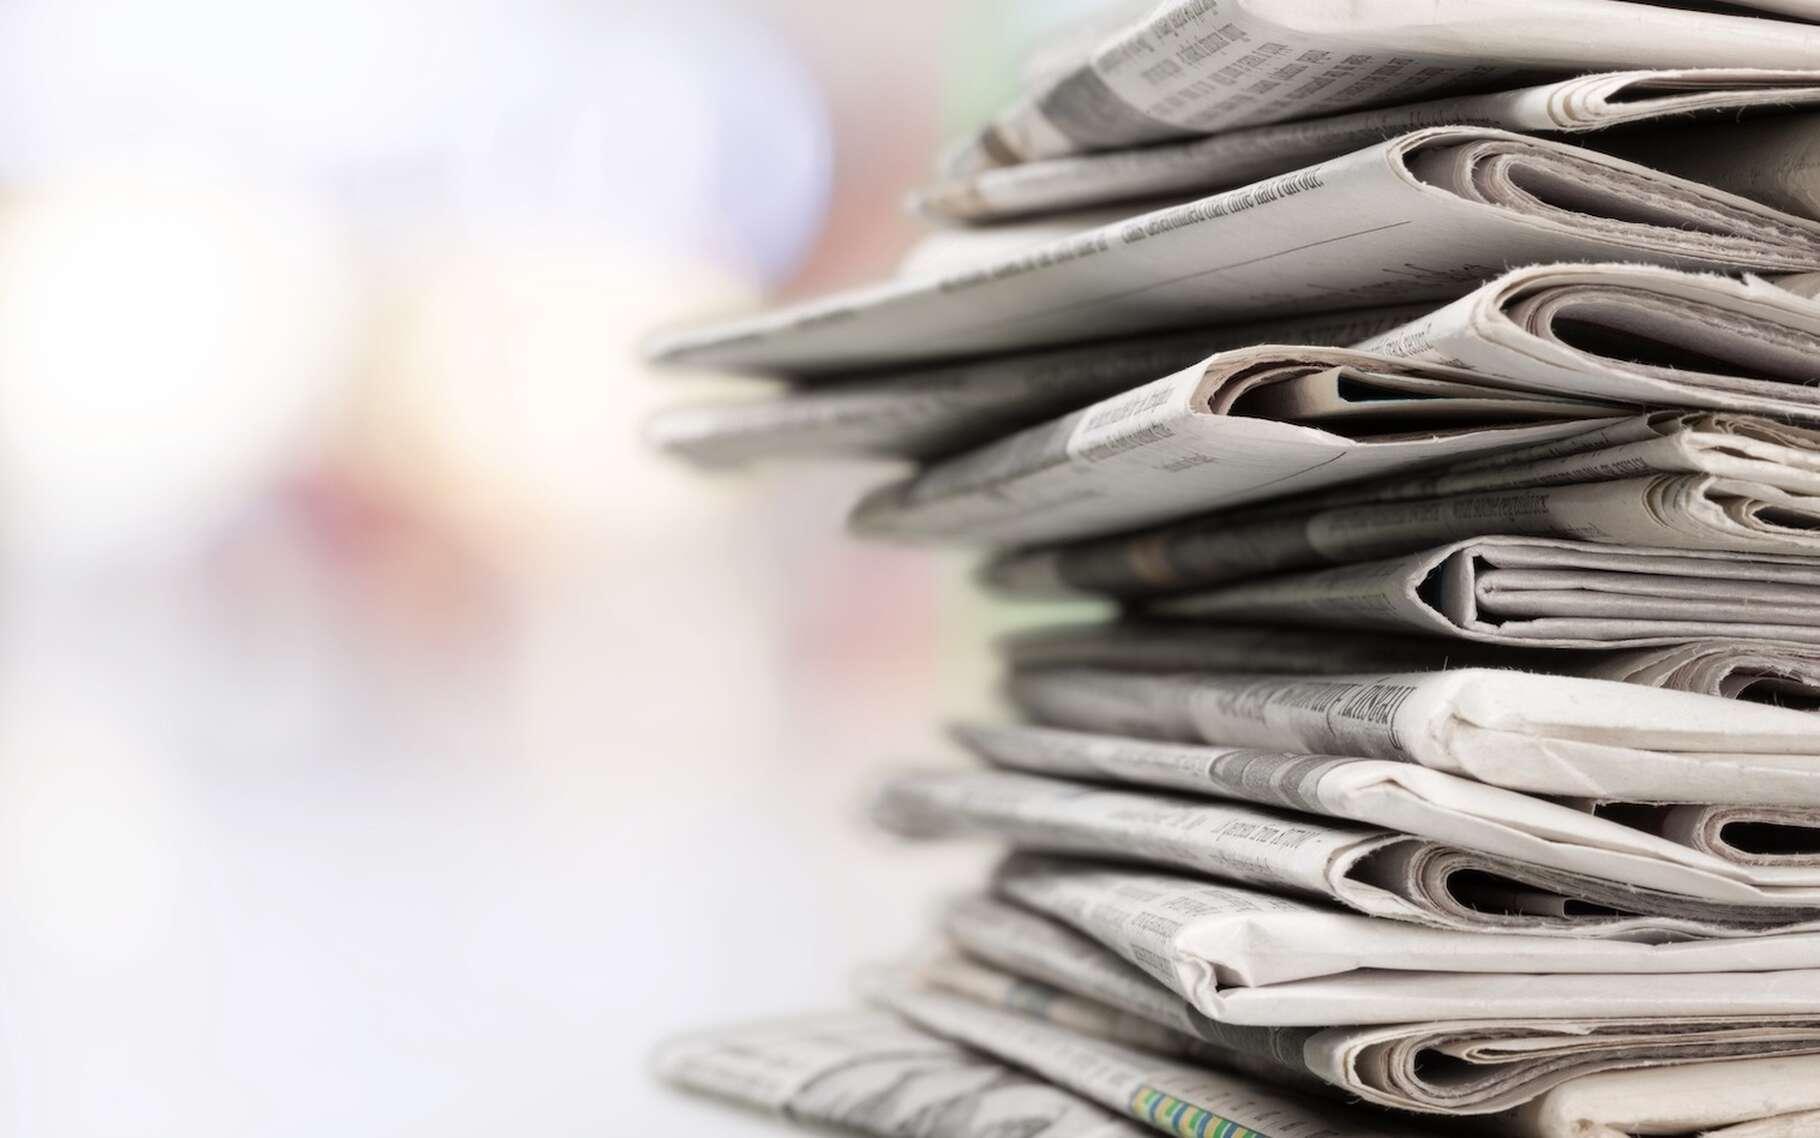 Aujourd'hui, les fake news semblent avoir envahi notre quotidien. Mais qu'est-ce qui nous pousse ainsi à partage de fausses informations ? © BillionPhotos, Fotolia